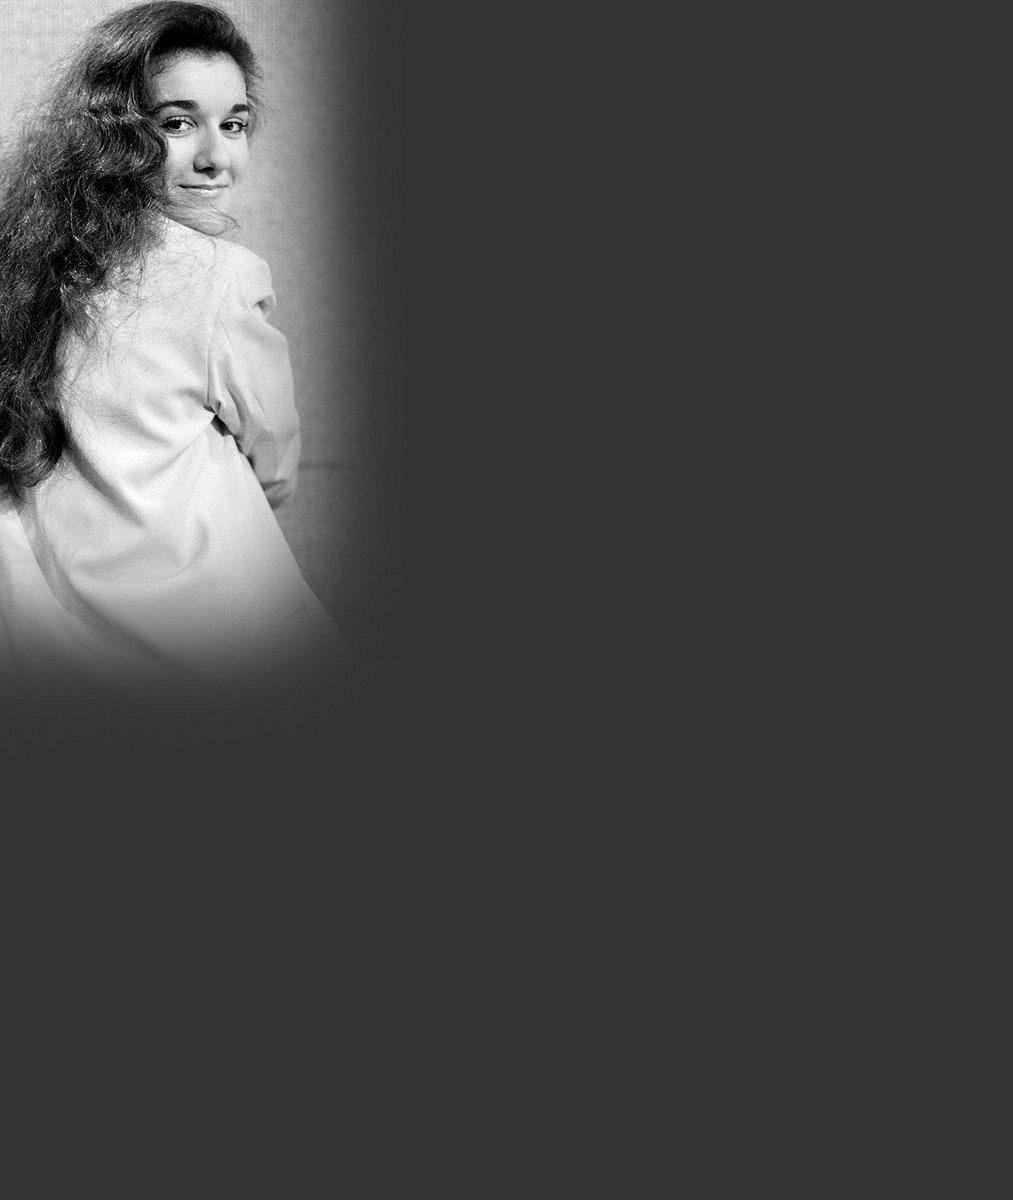 Poznáte zpěvačku, která ovládla hitparády po celém světě? Ve 14 letech popovou hvězdu ani omylem nepřipomínala